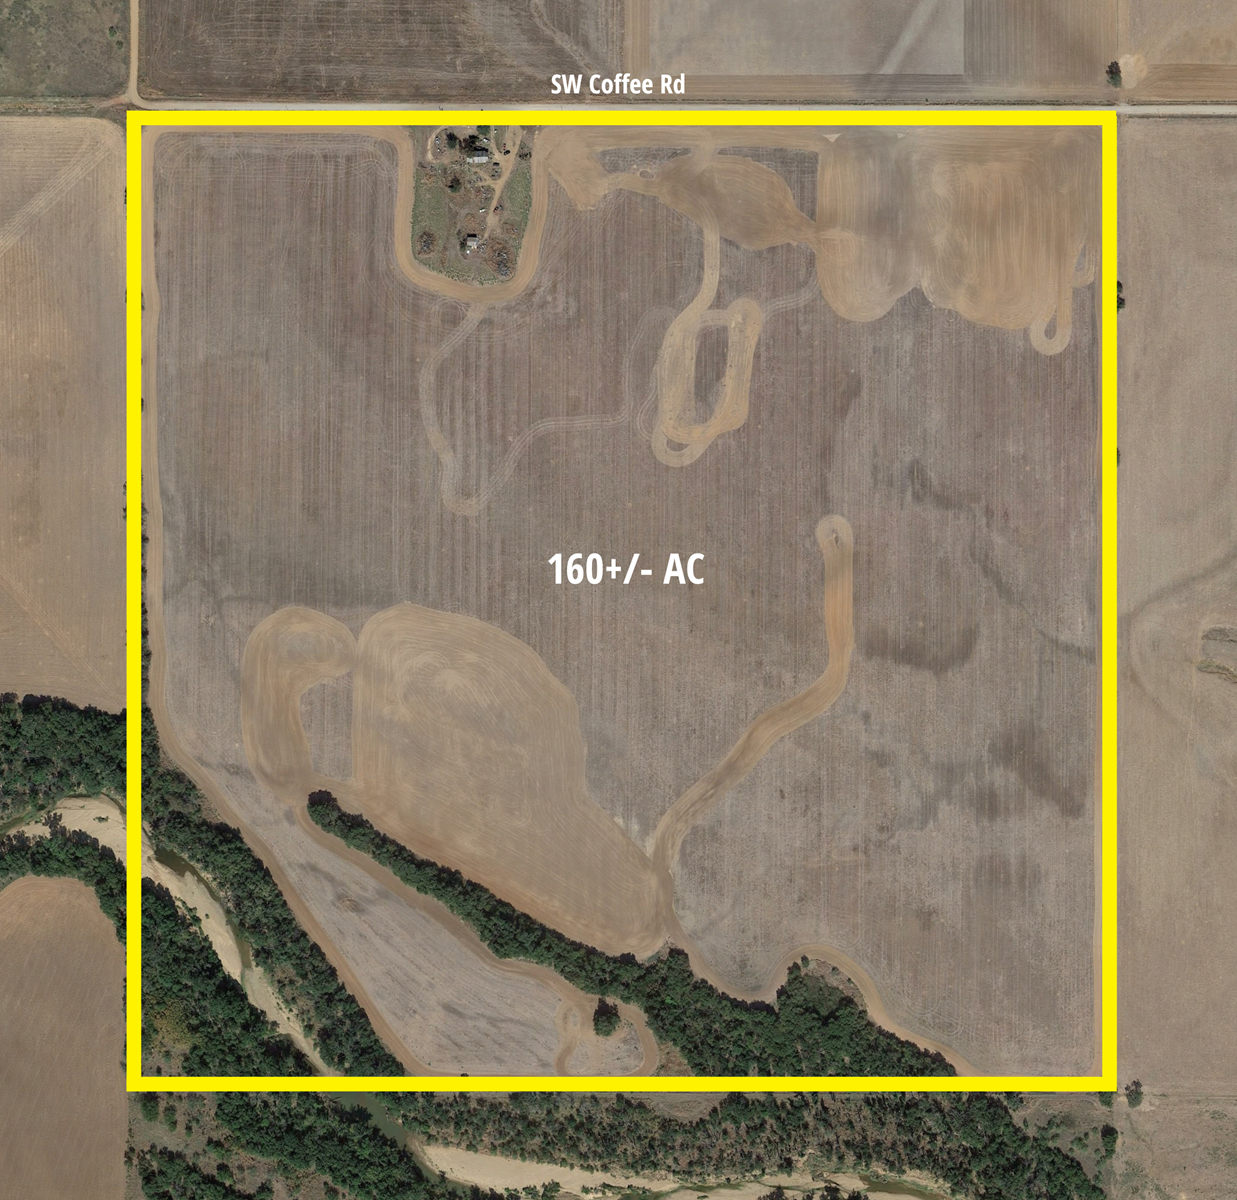 FAXON COMANCHE COUNTY OKLAHOMA LAND REAL ESTATE FOR SALE